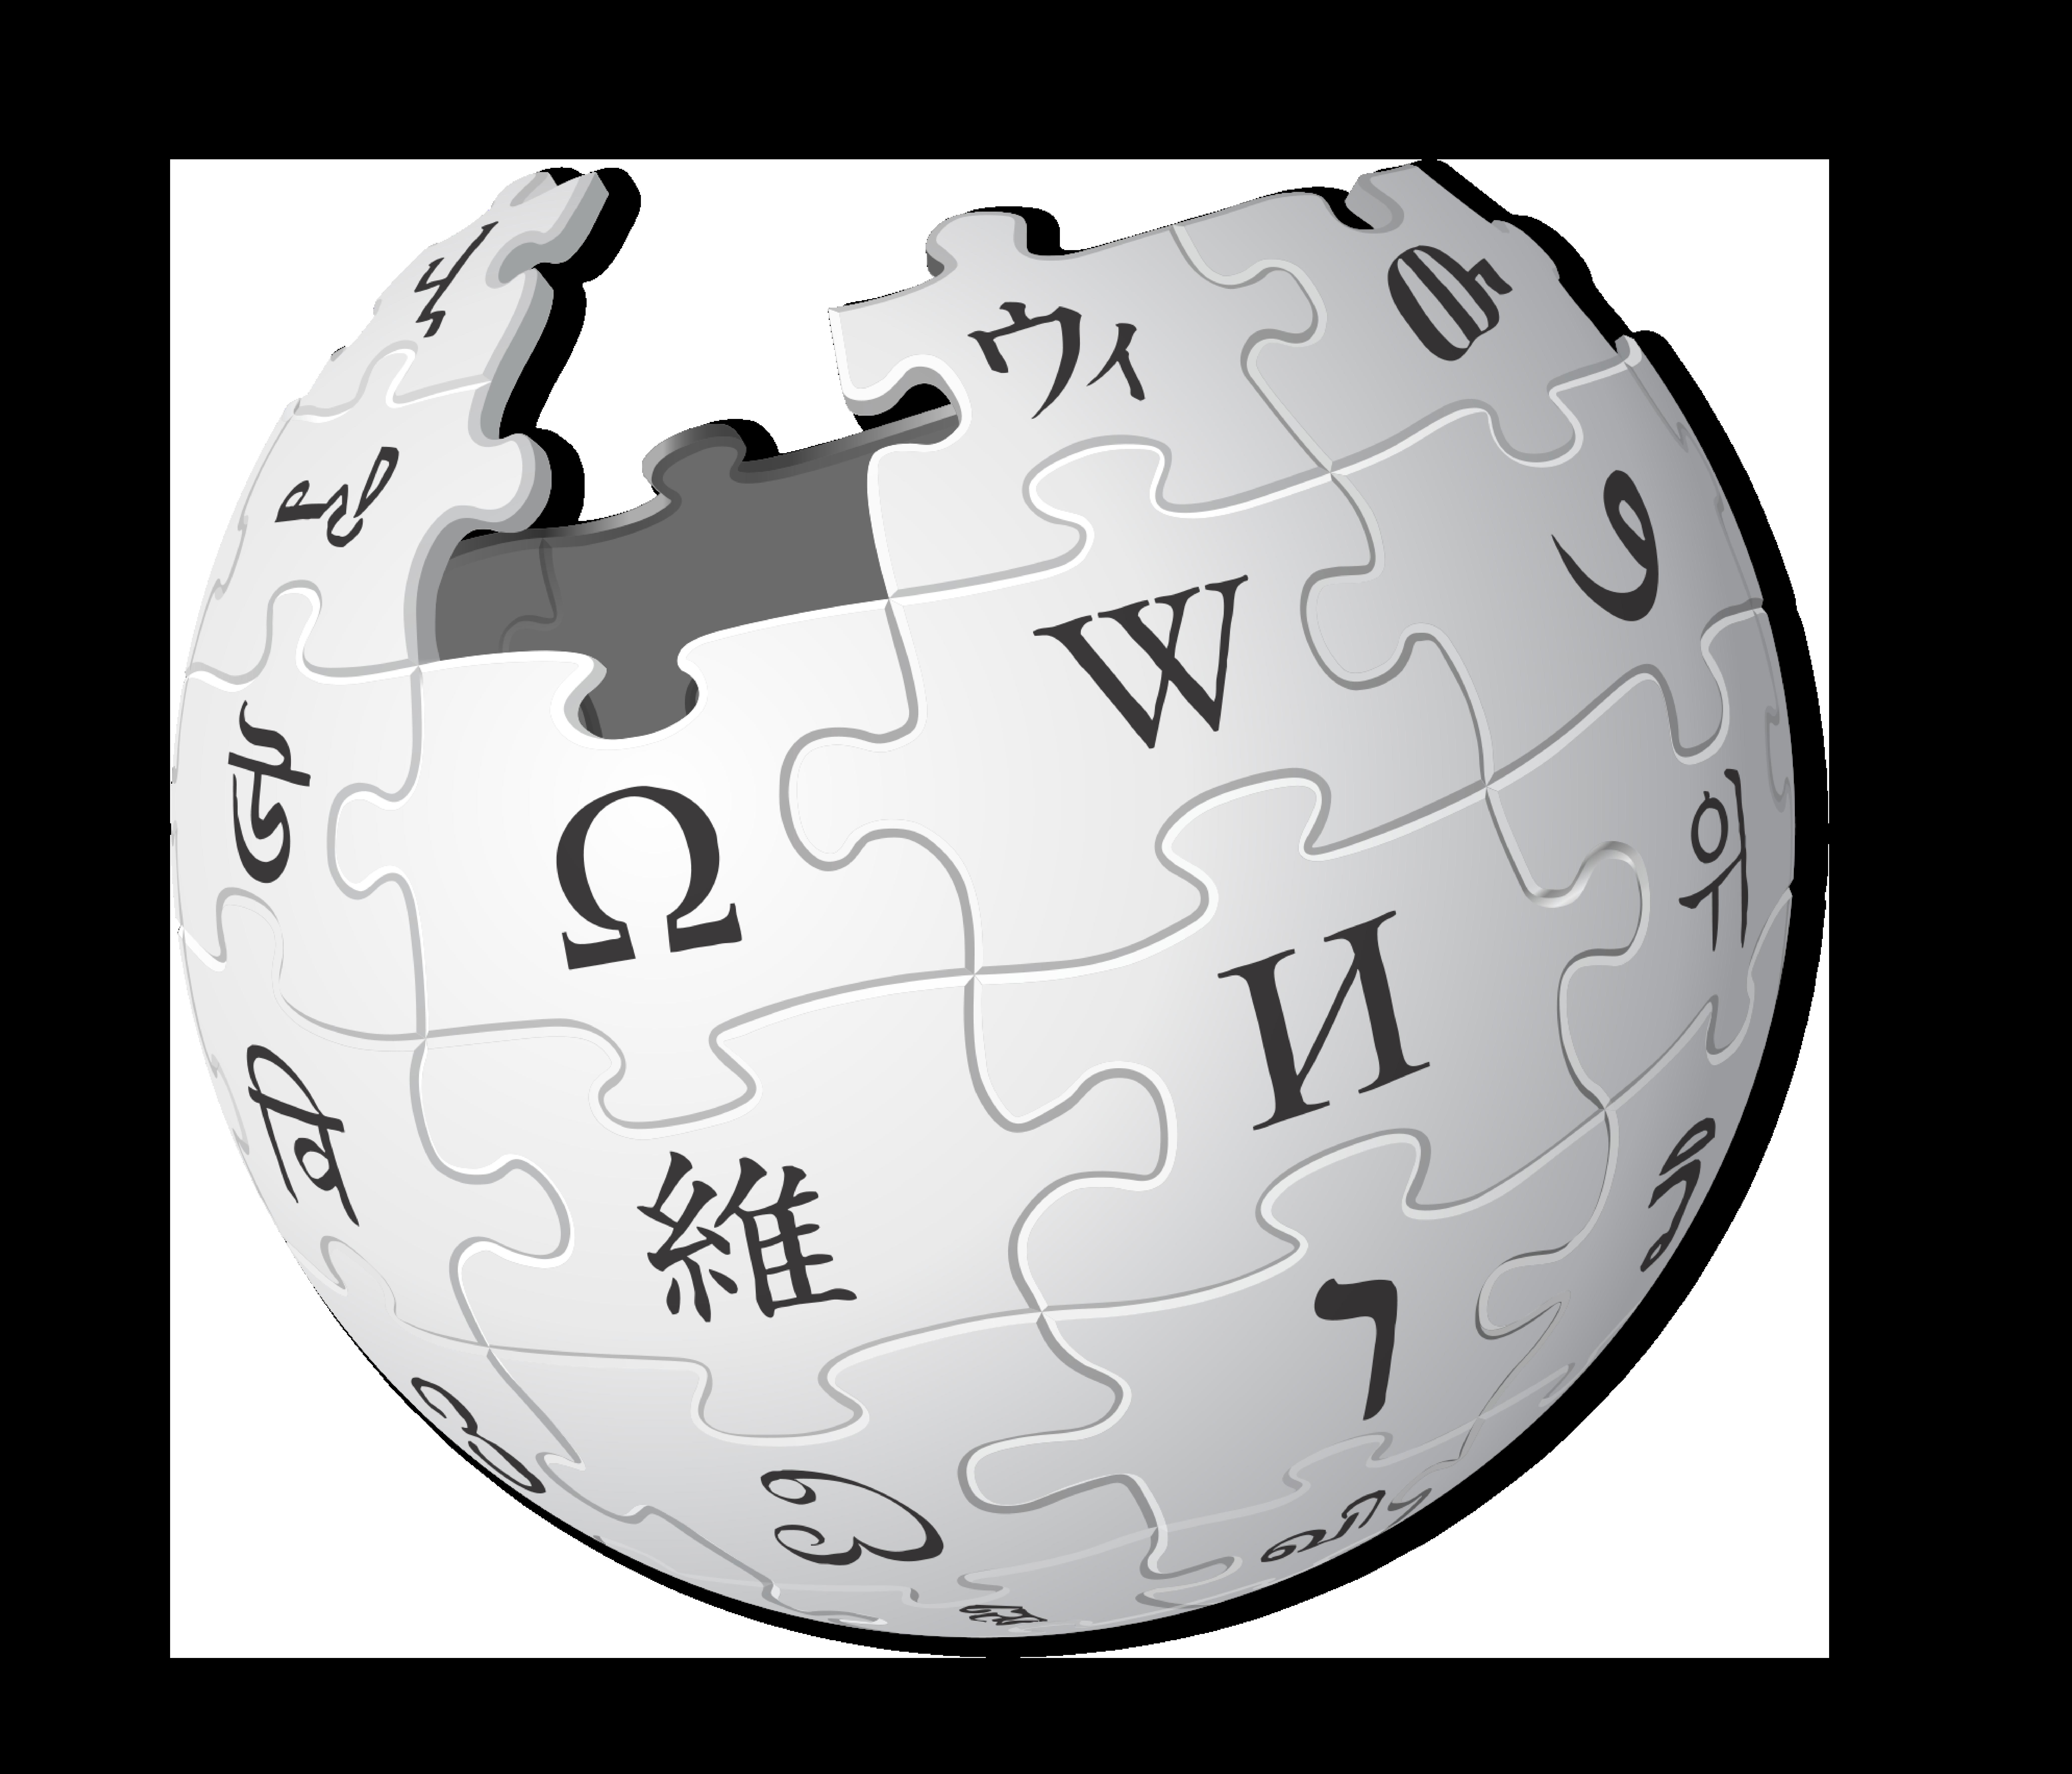 הערכים הנצפים בוויקיפדיה ב-2018